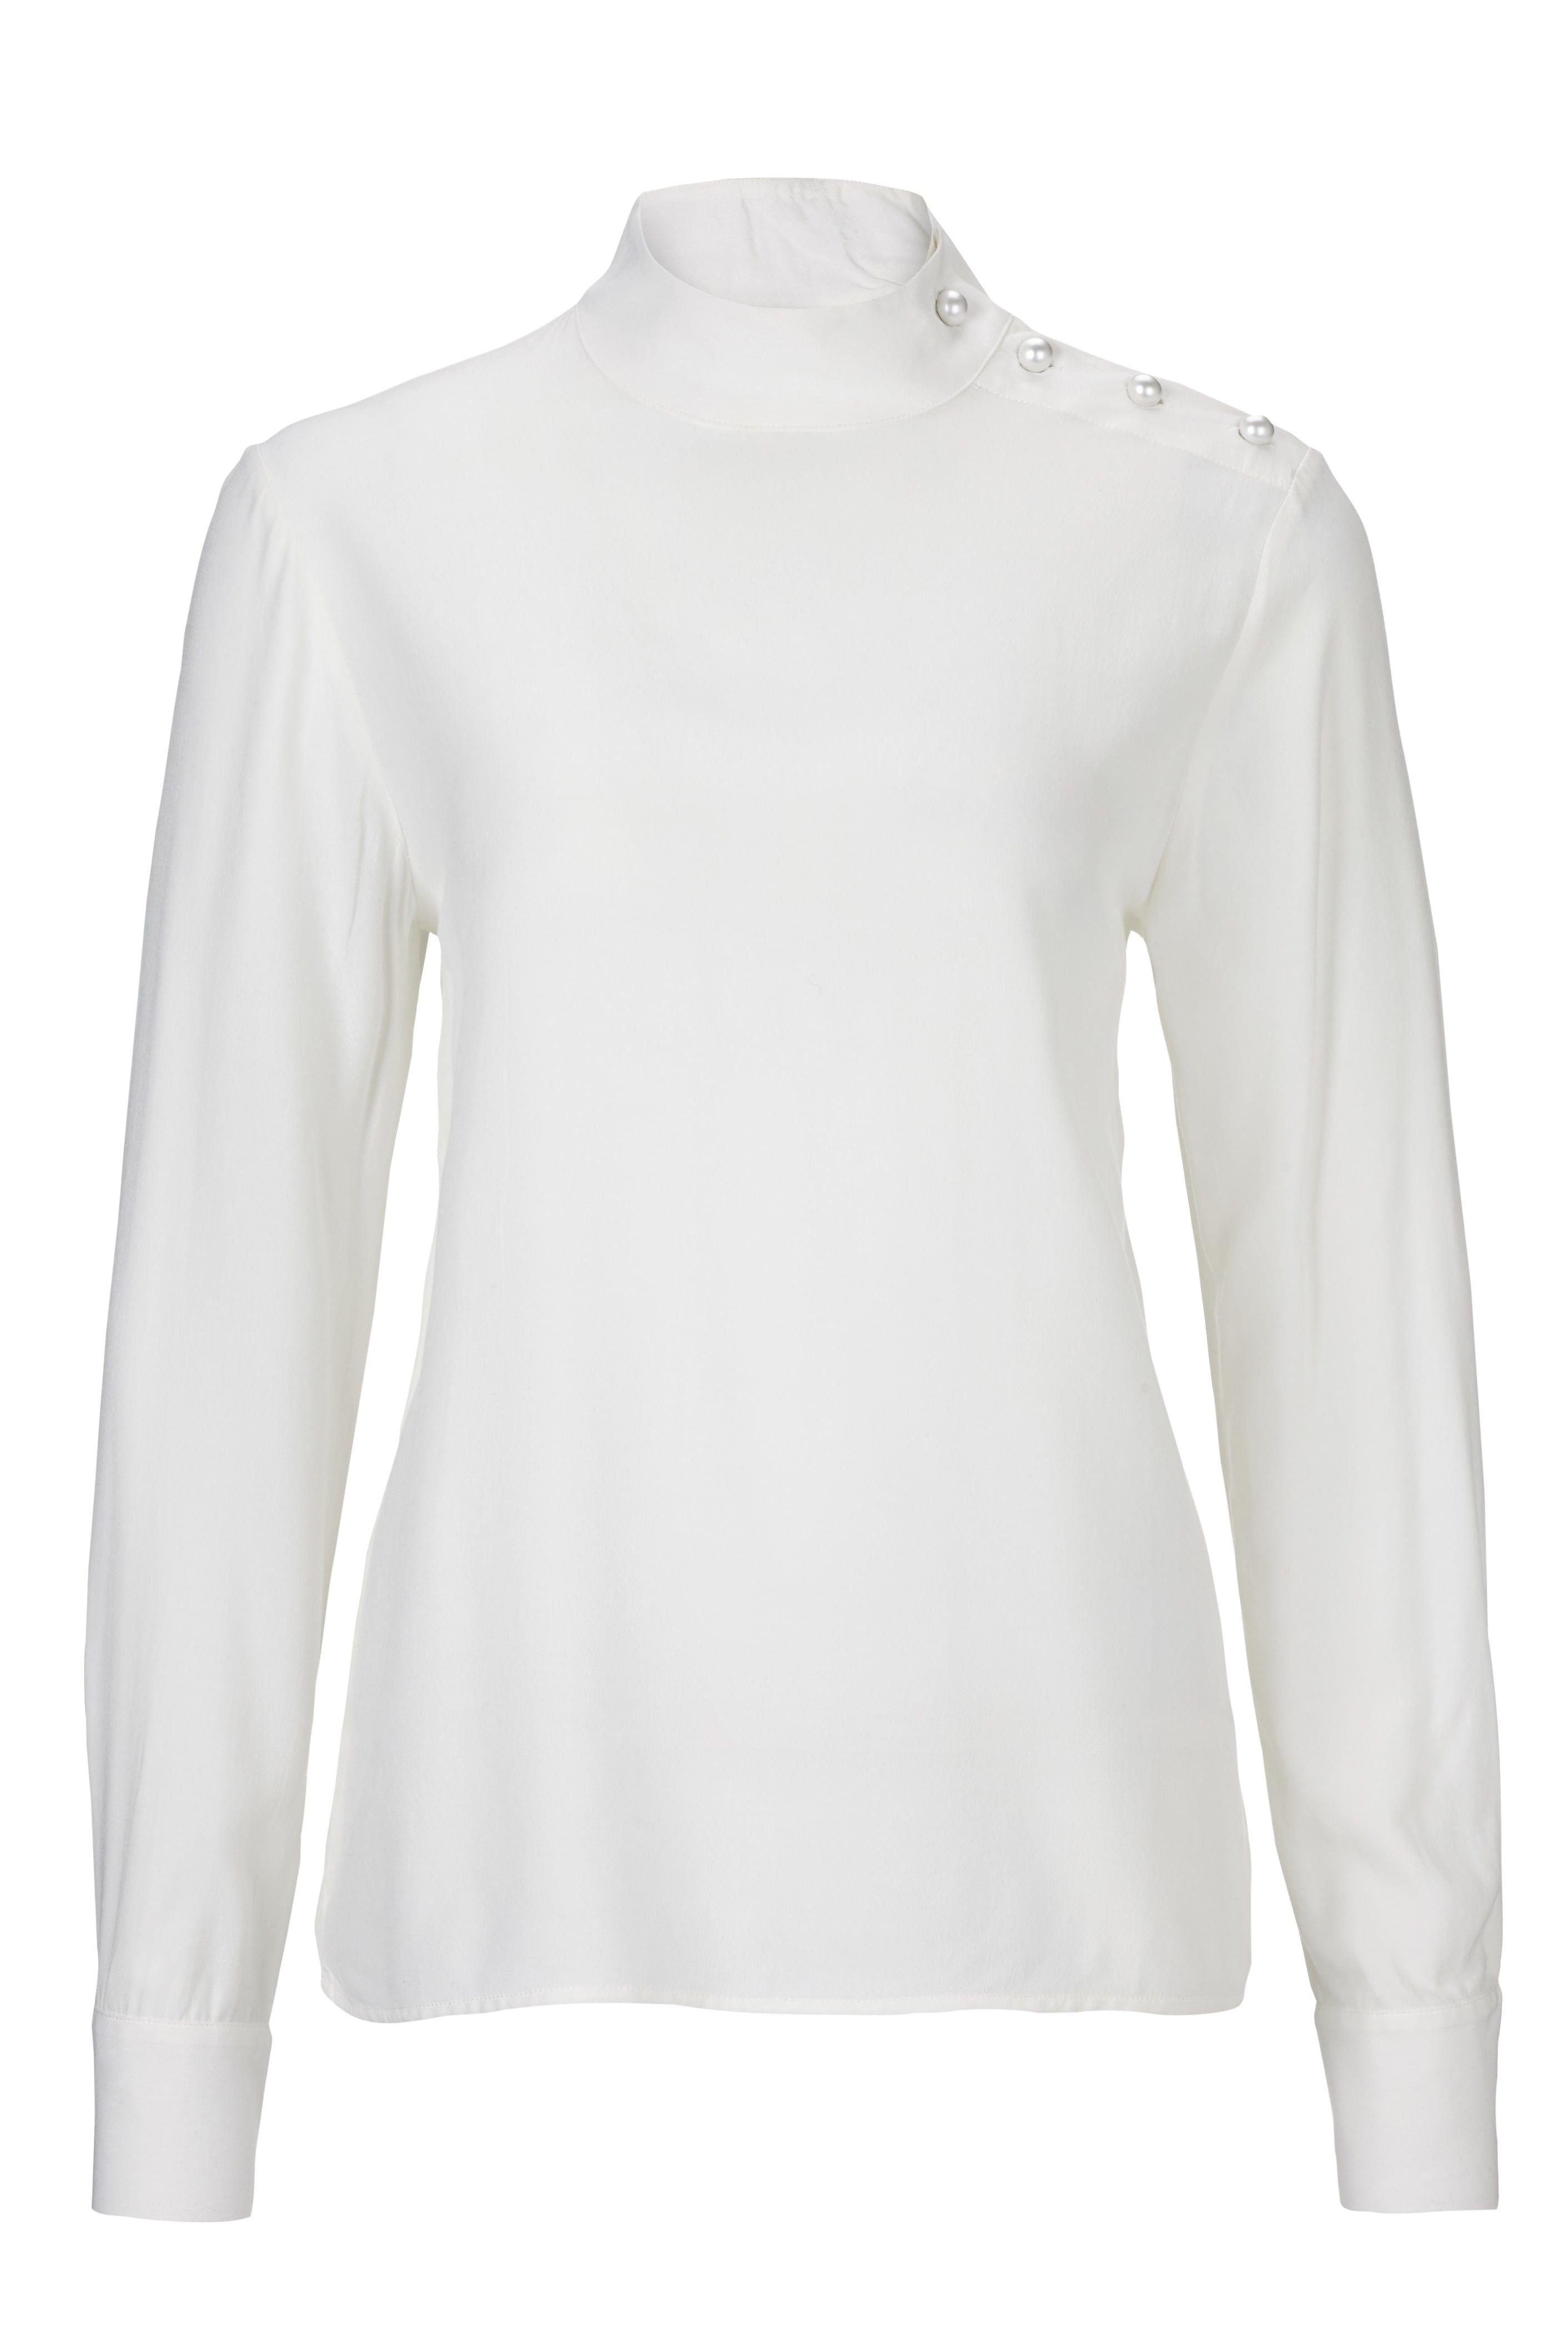 RICH & ROYAL - Damen Bluse - Stehkragen - Perl Weiß